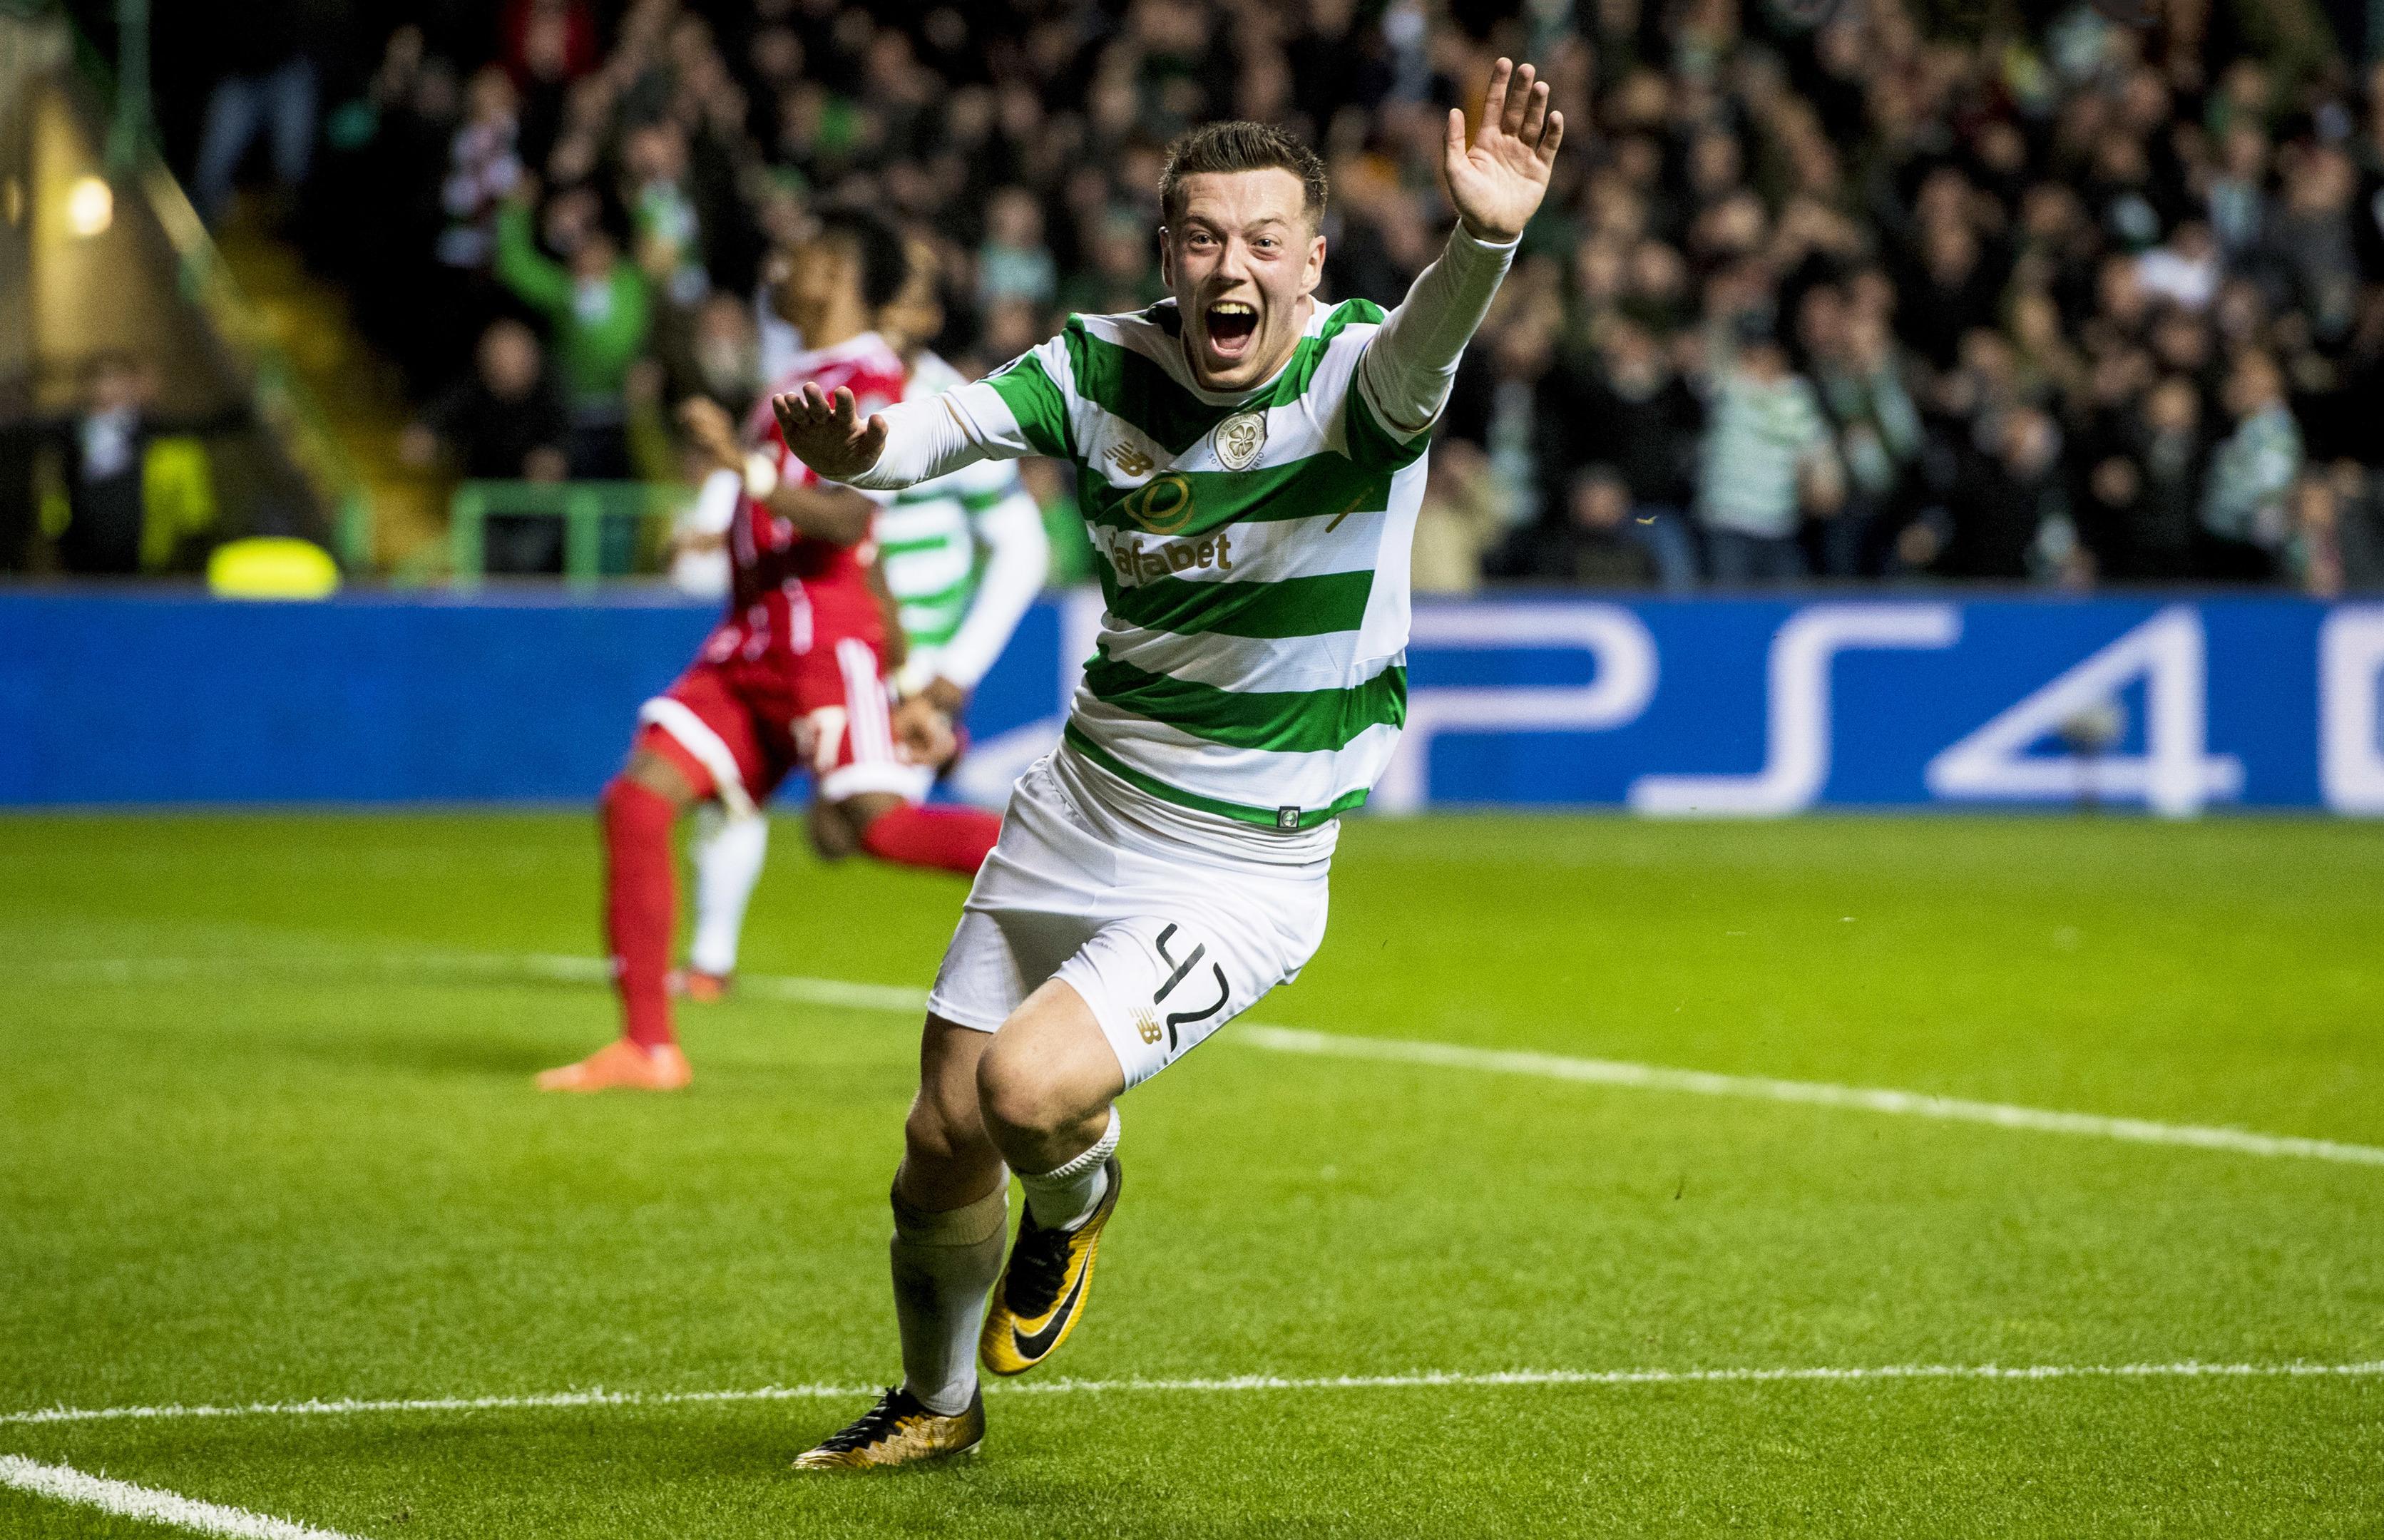 Celtic's Callum McGregor celebrates his goal (SNS)